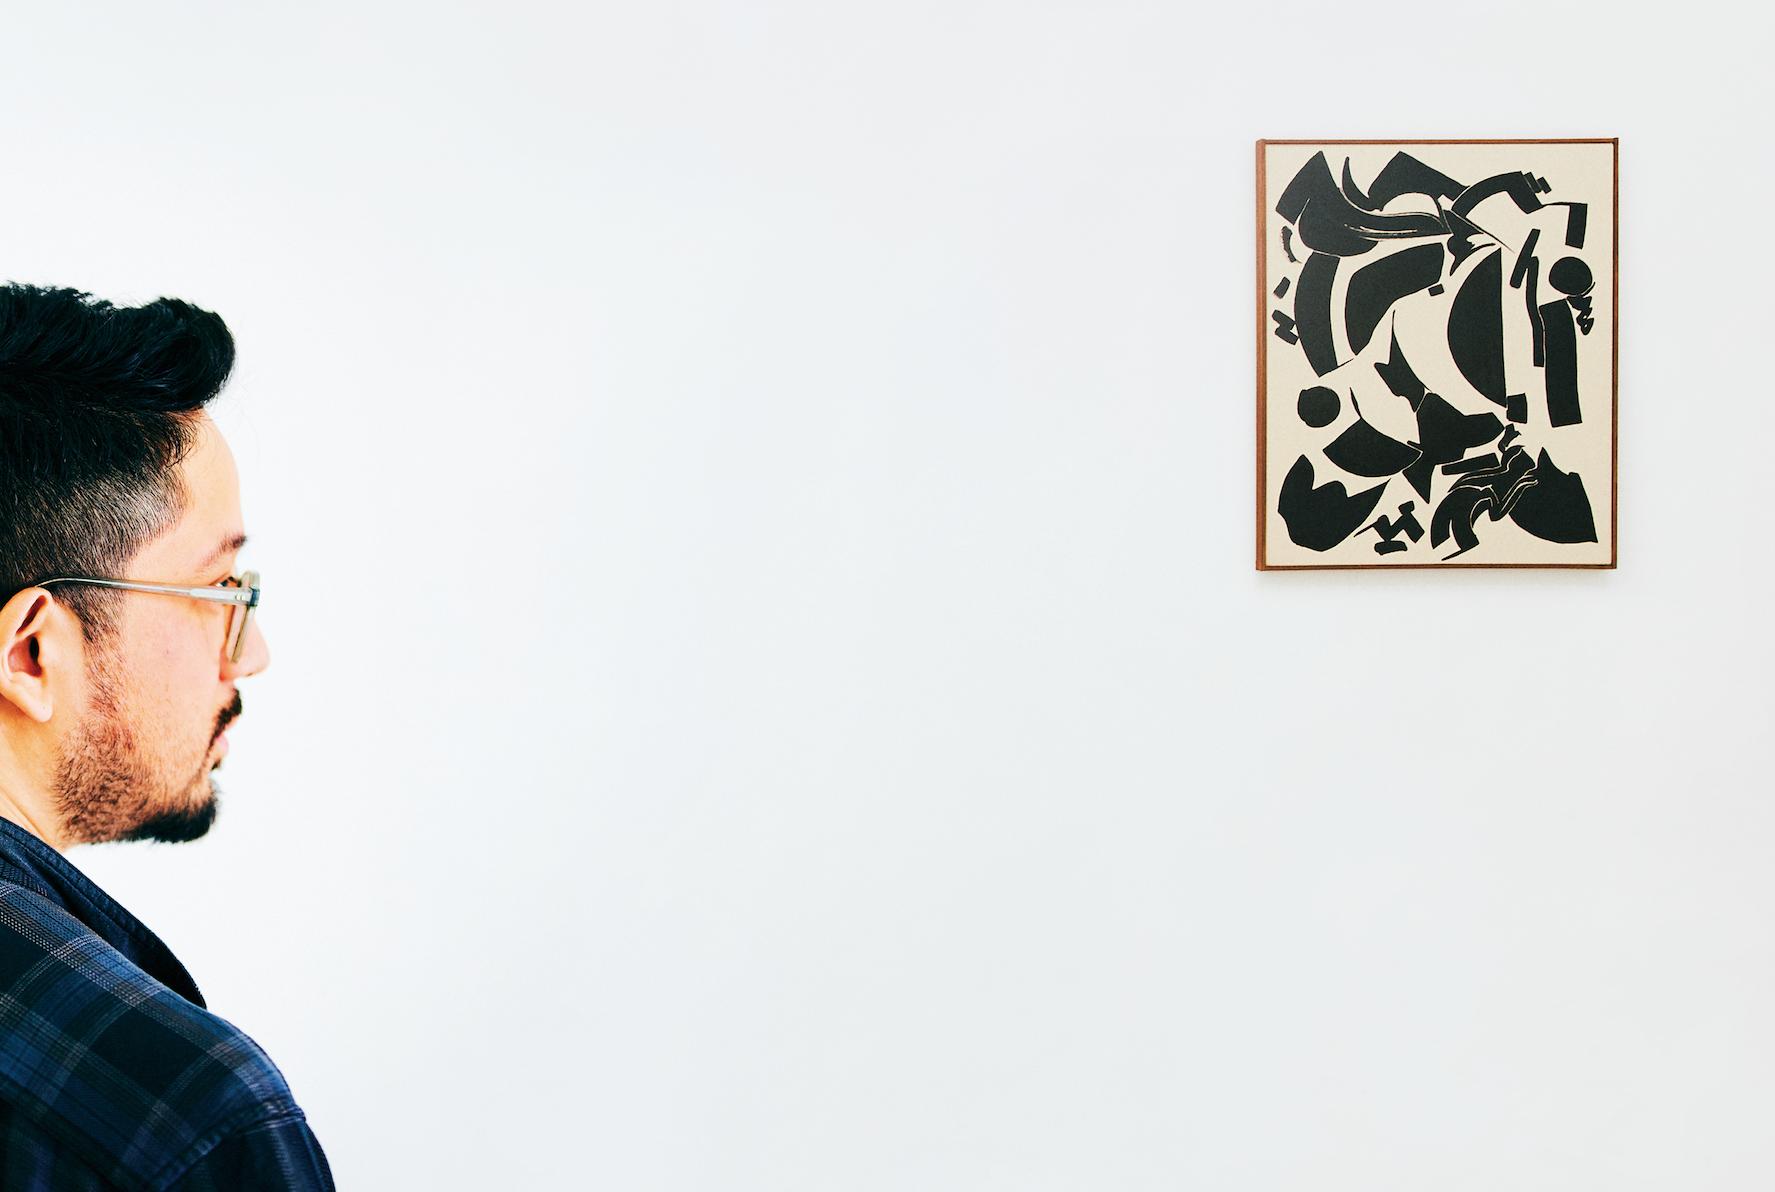 CELINEとコラボした新進気鋭のアーティスト、ショーン・クルネルの全て